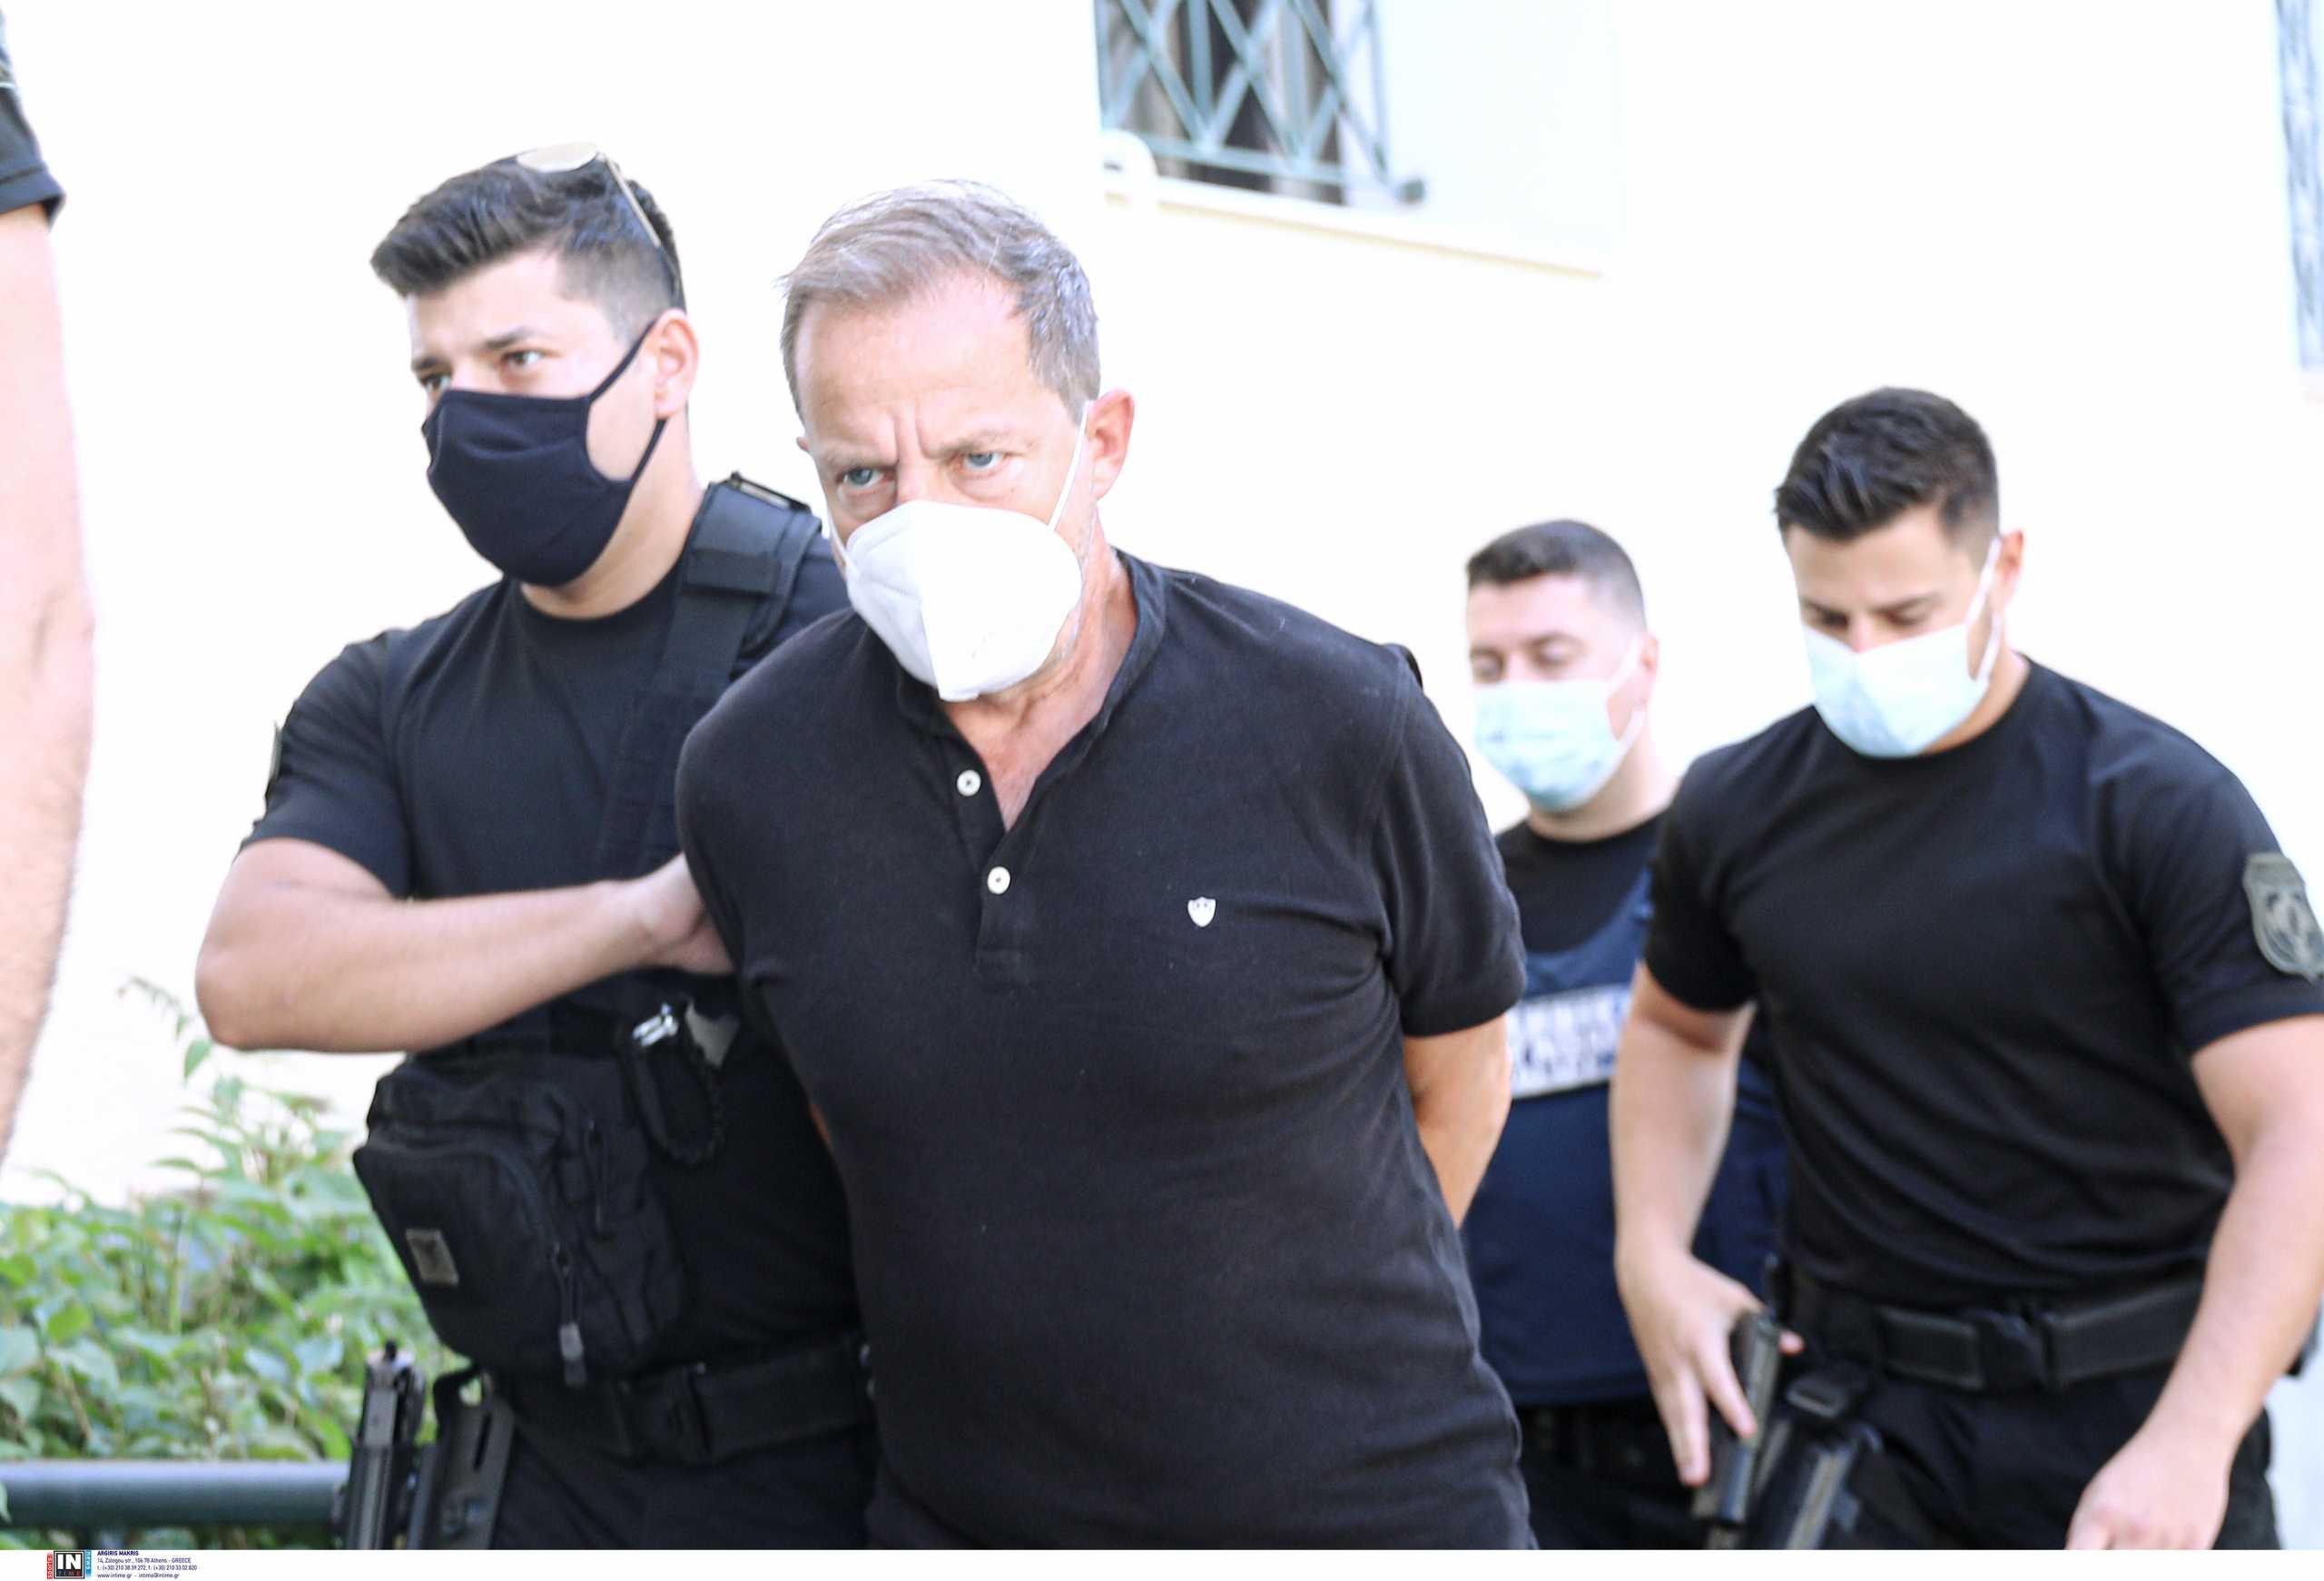 Δημήτρης Λιγνάδης: Τι απαντά ο Αλέξης Κούγιας για το αίτημα αποφυλάκισης